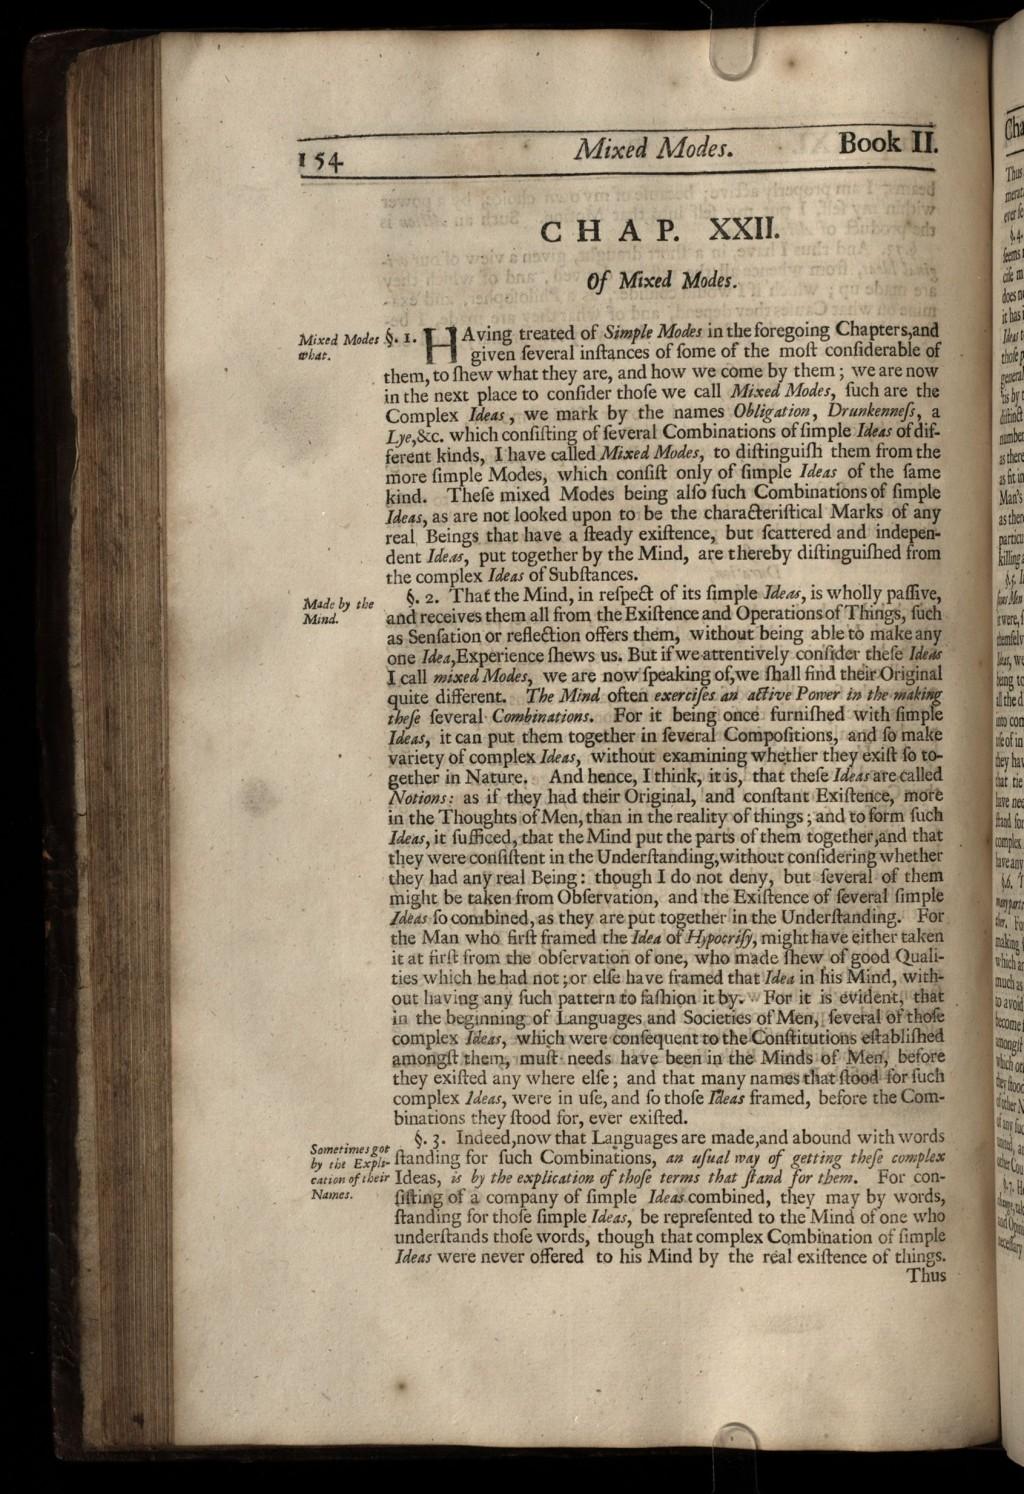 014 Default Essay Example John Impressive Locke Concerning Human Understanding Book 4 On Pdf Summary Large